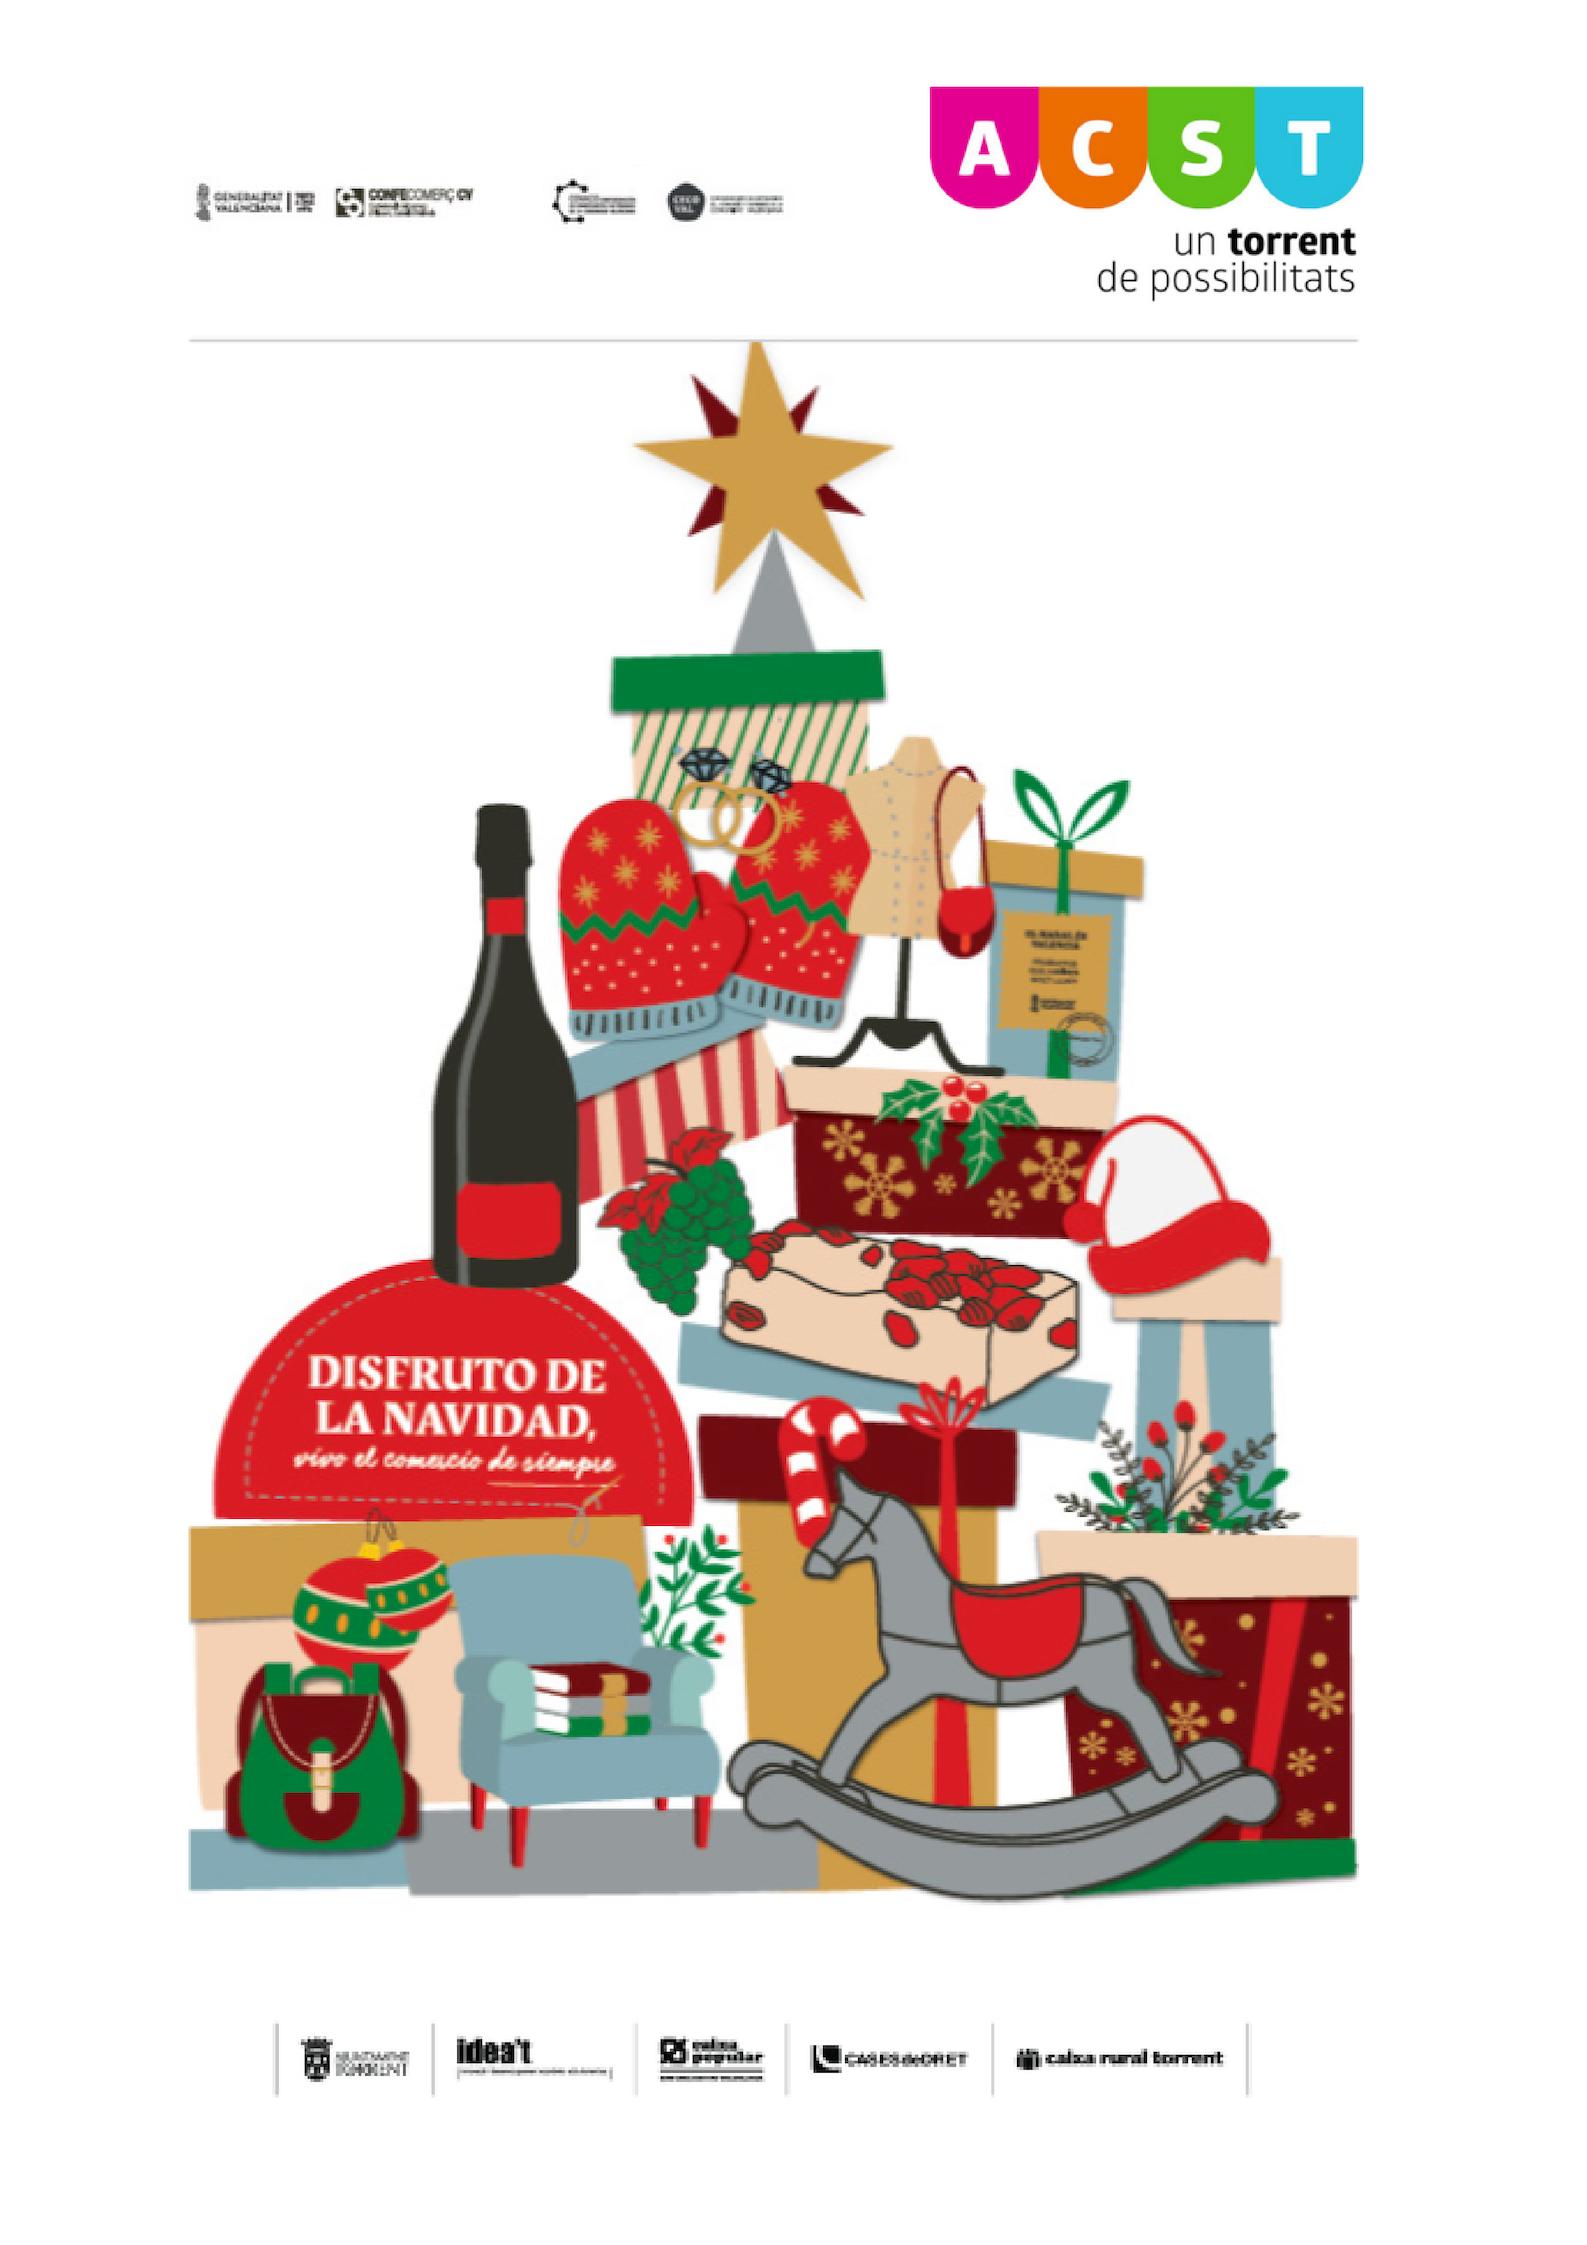 """Campaña de Navidad ACST 2018: """"Disfruto de la Navidad. Vivo el Comercio de Siempre"""" !!!"""